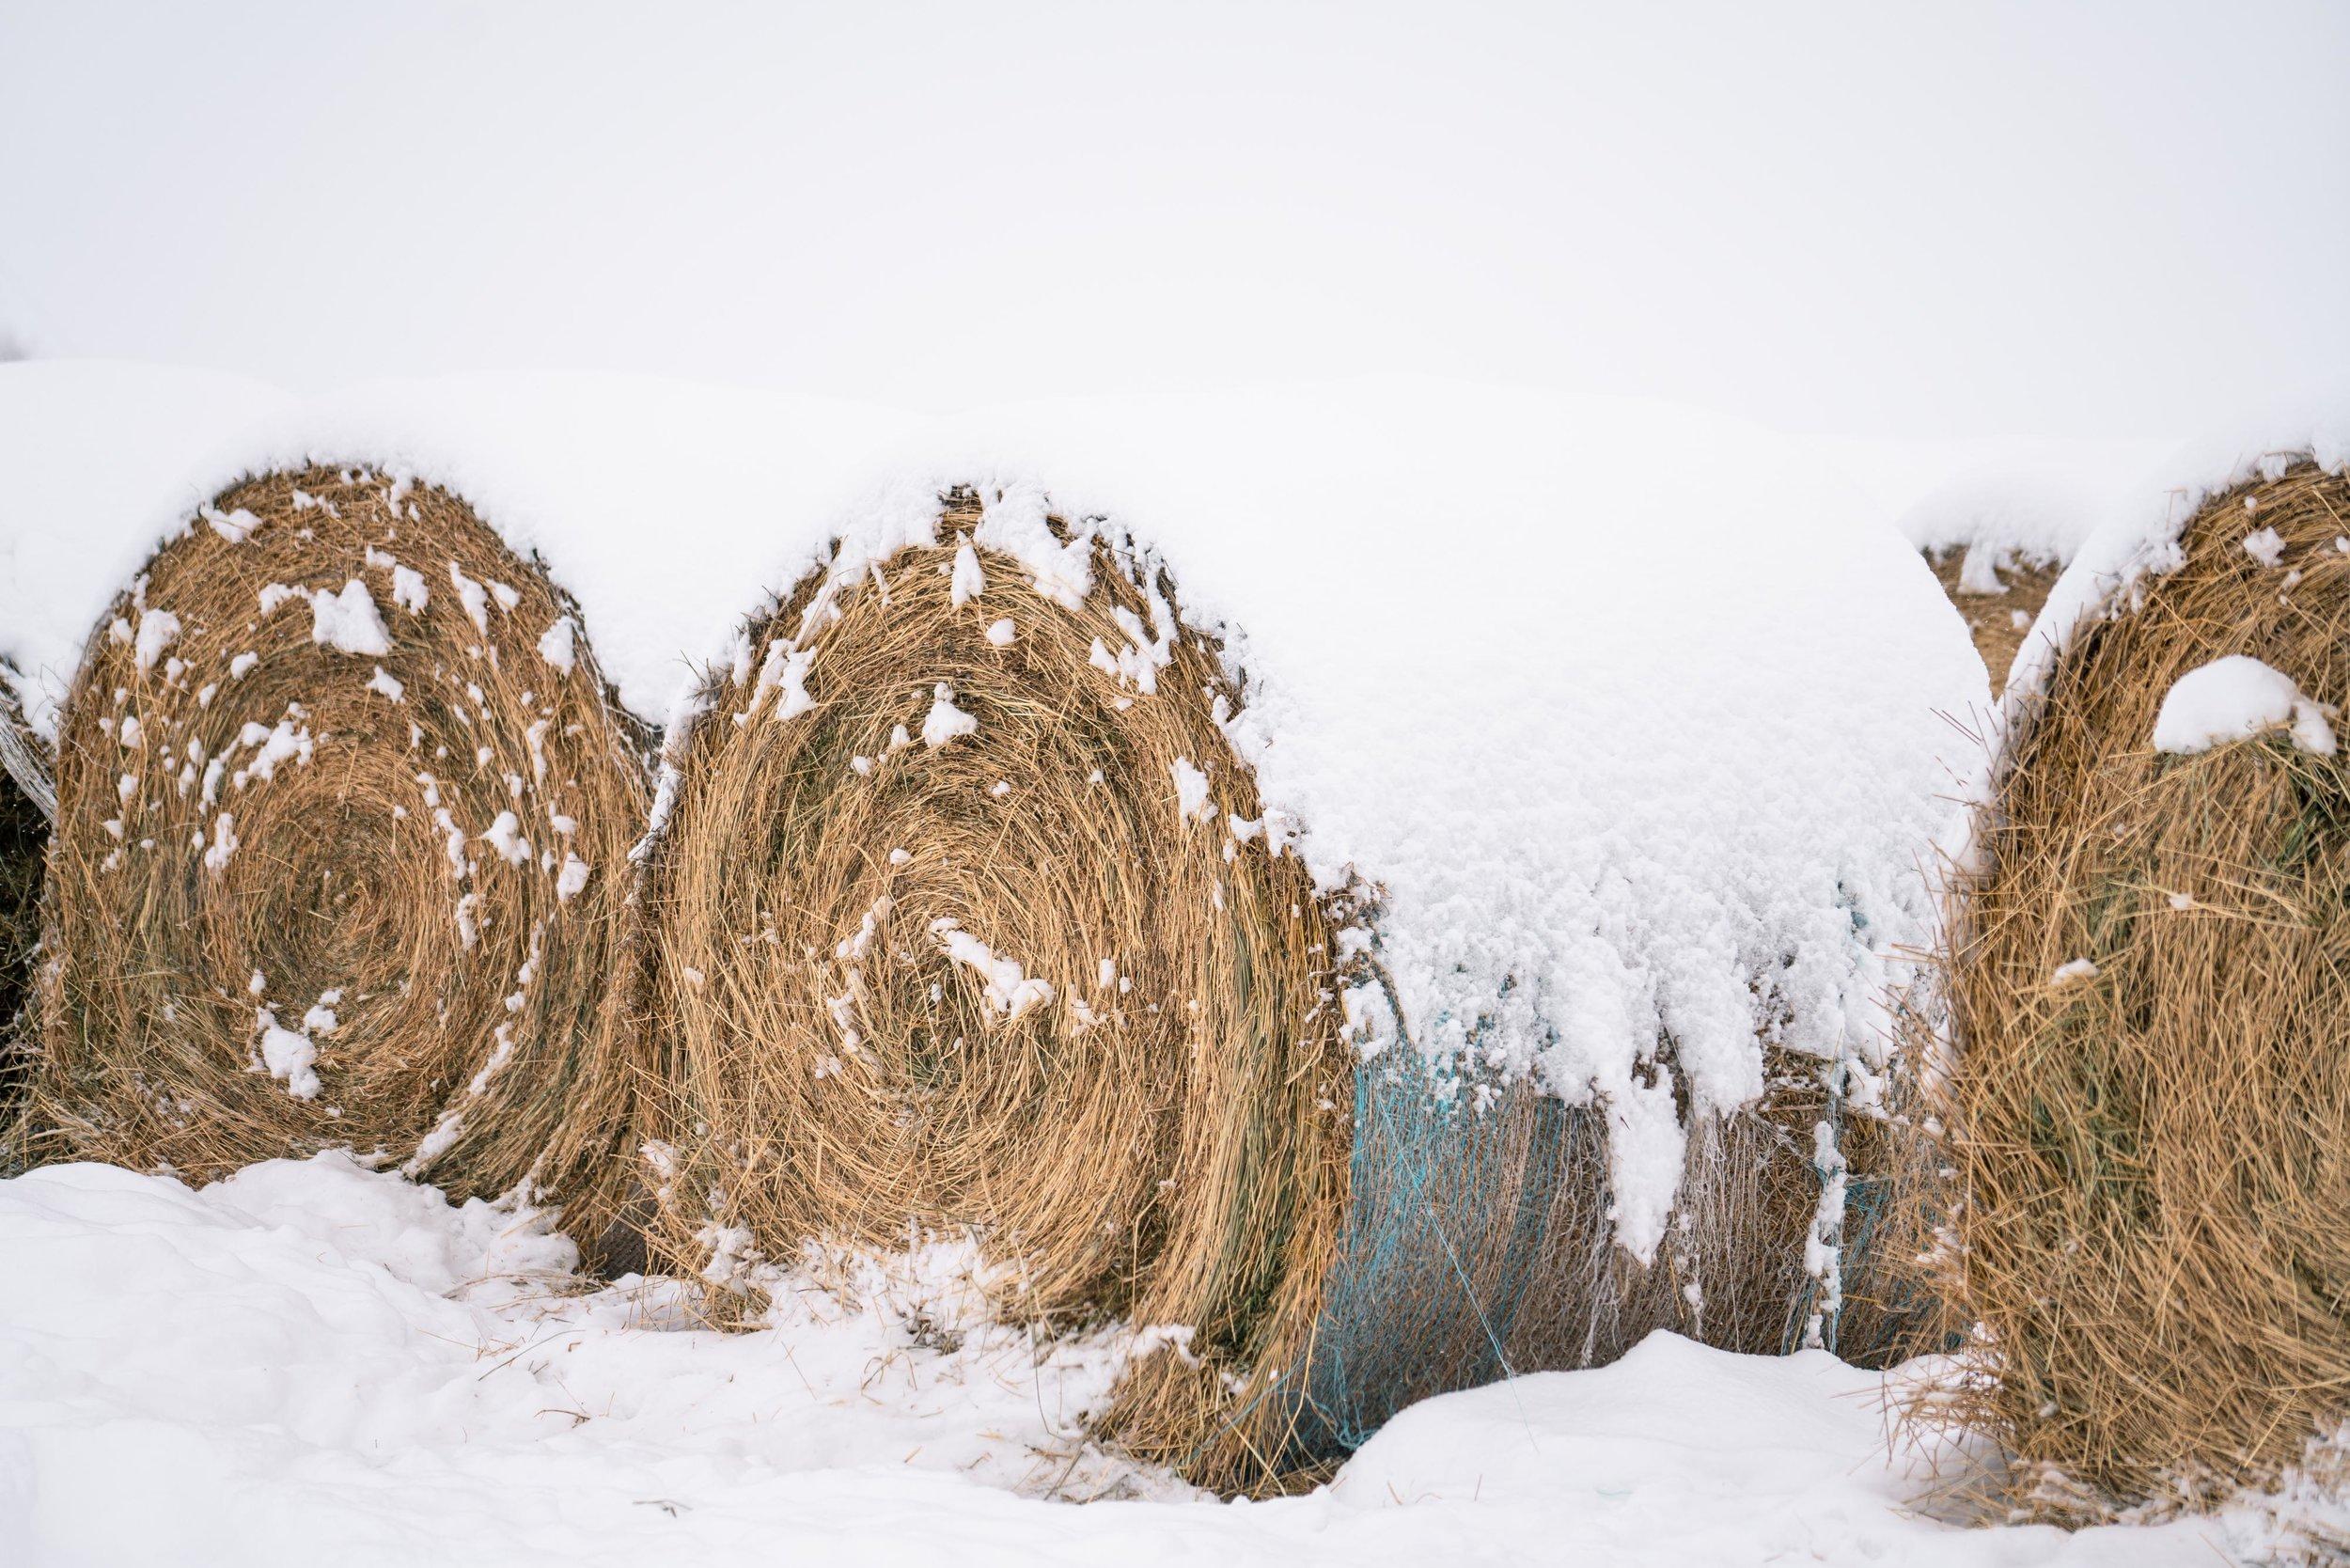 Hay bales under winter snow.